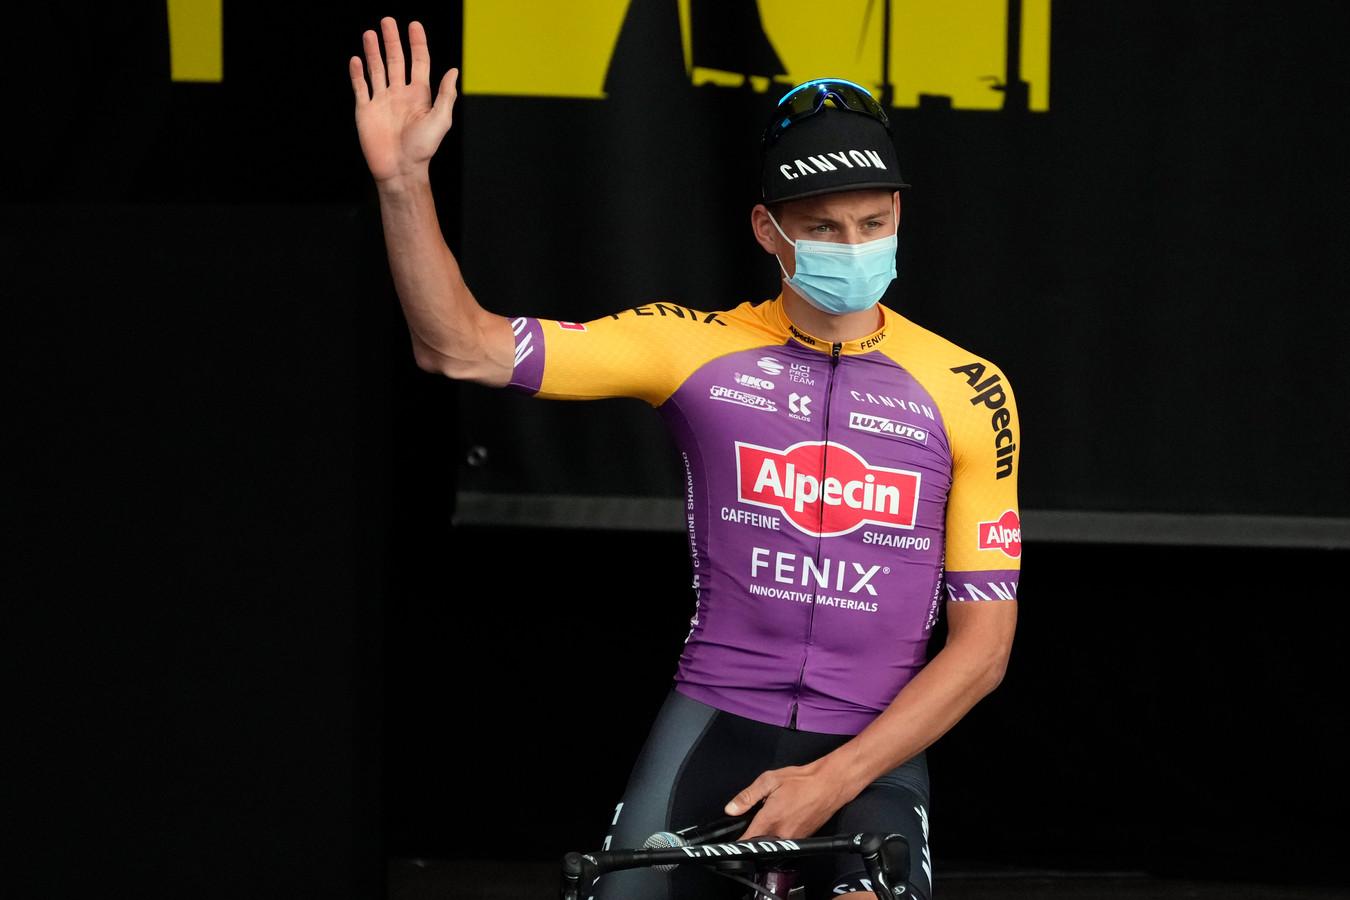 Mathieu van der Poel in het speciale shirt van Alpecin-Fenix tijdens de ploegenpresentatie in Brest.